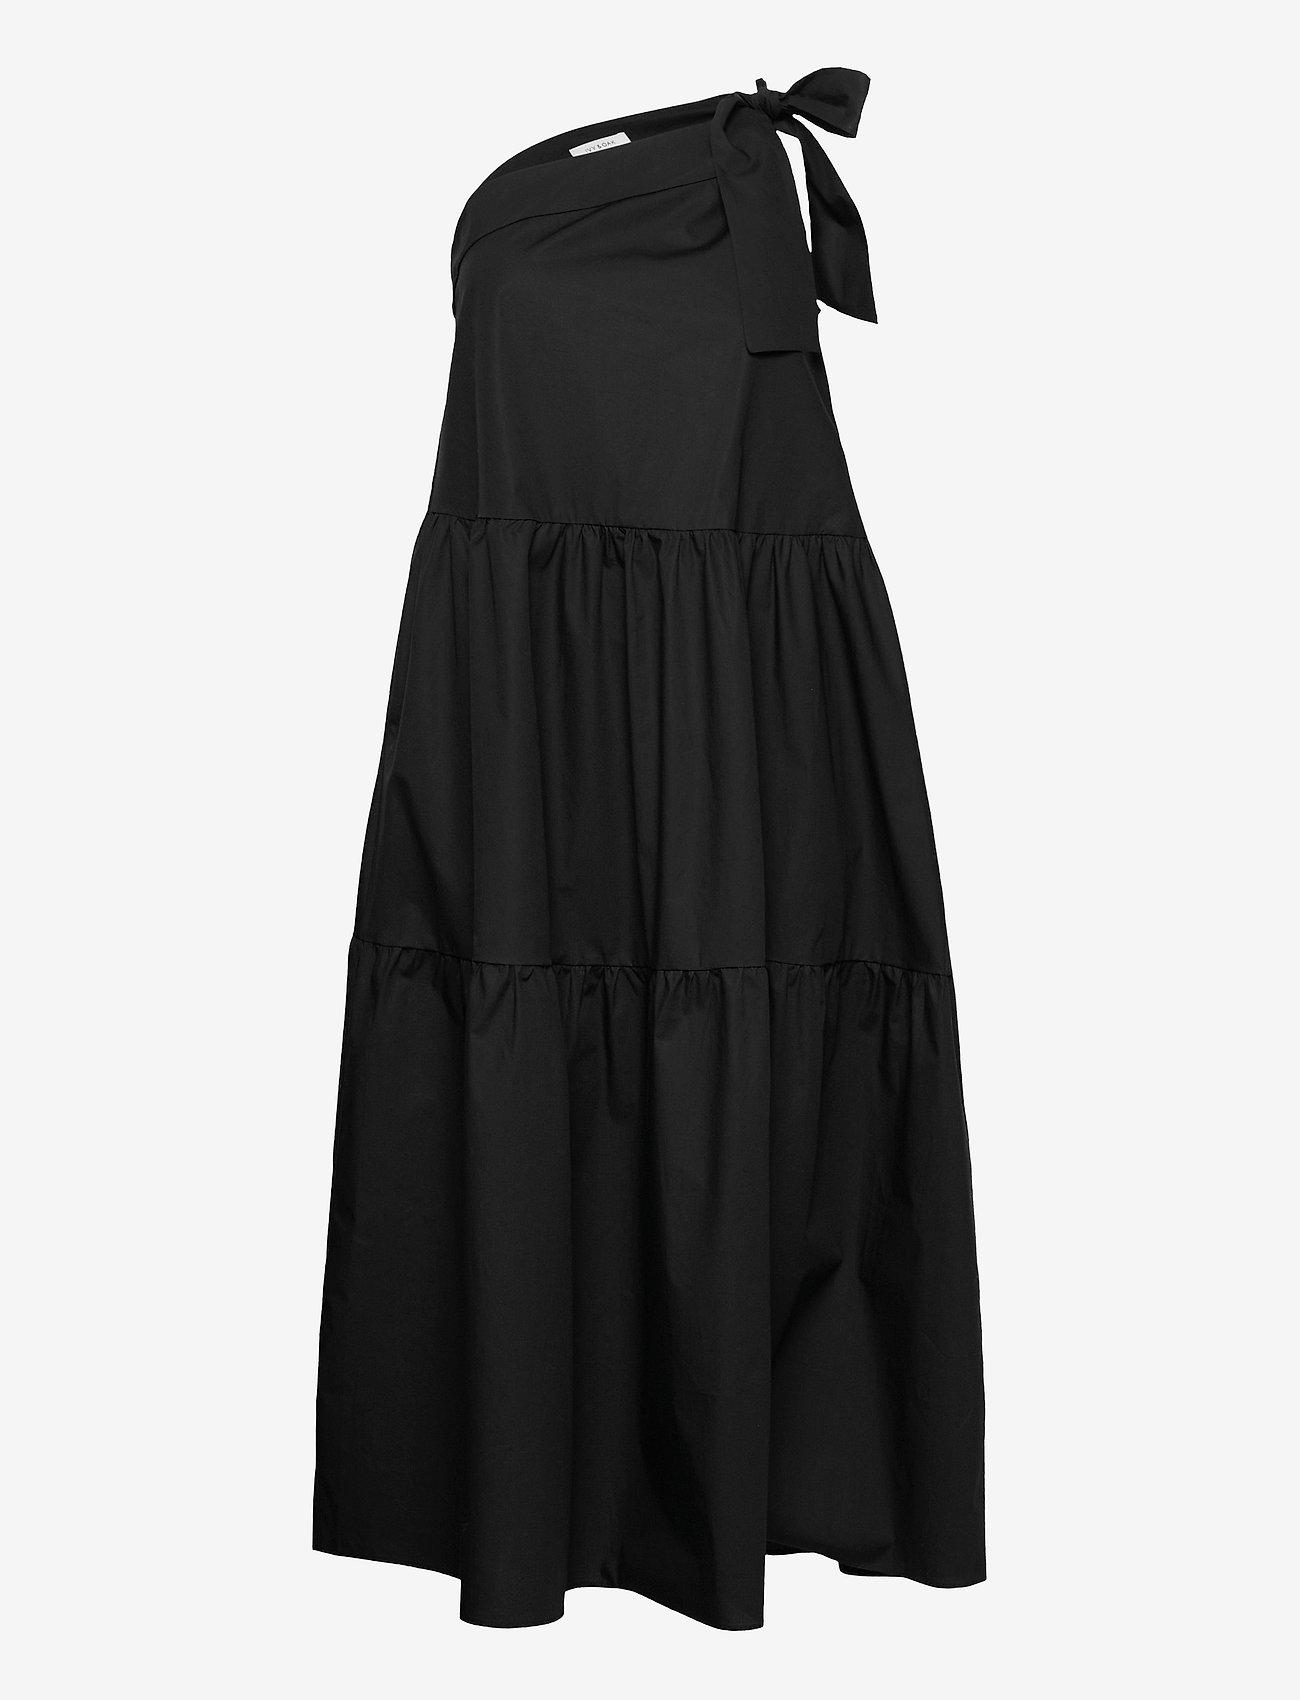 Ivy & Oak - ONE SHOULDER DRESS MAXI LENGHT - sommerkjoler - black - 0